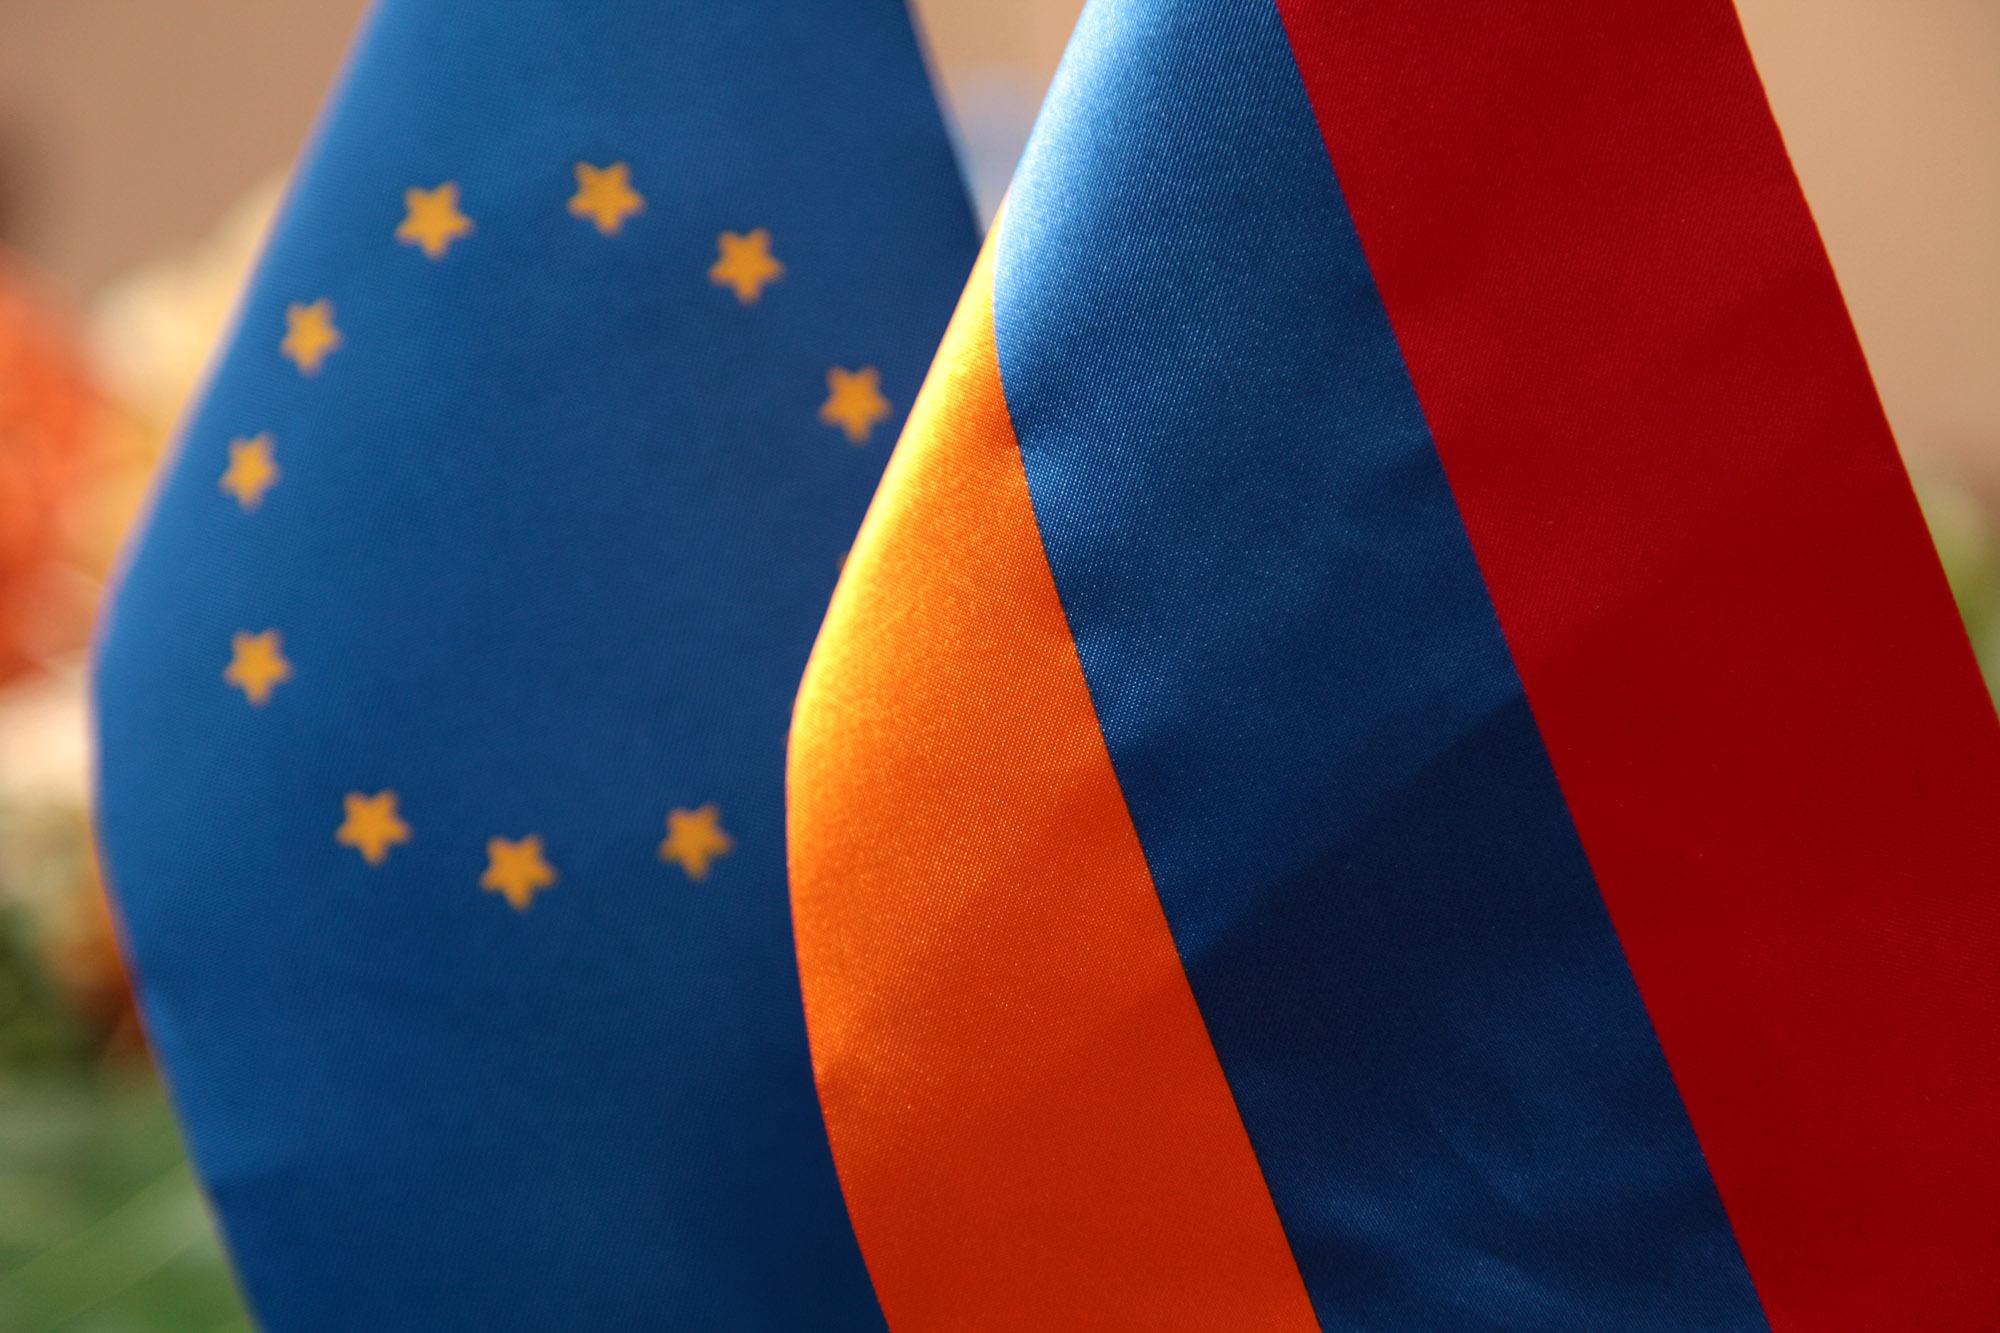 ԵՄ-Հայաստան. 2014-ի պայմանագրերի առաջընթաց և բարեփոխումների ....